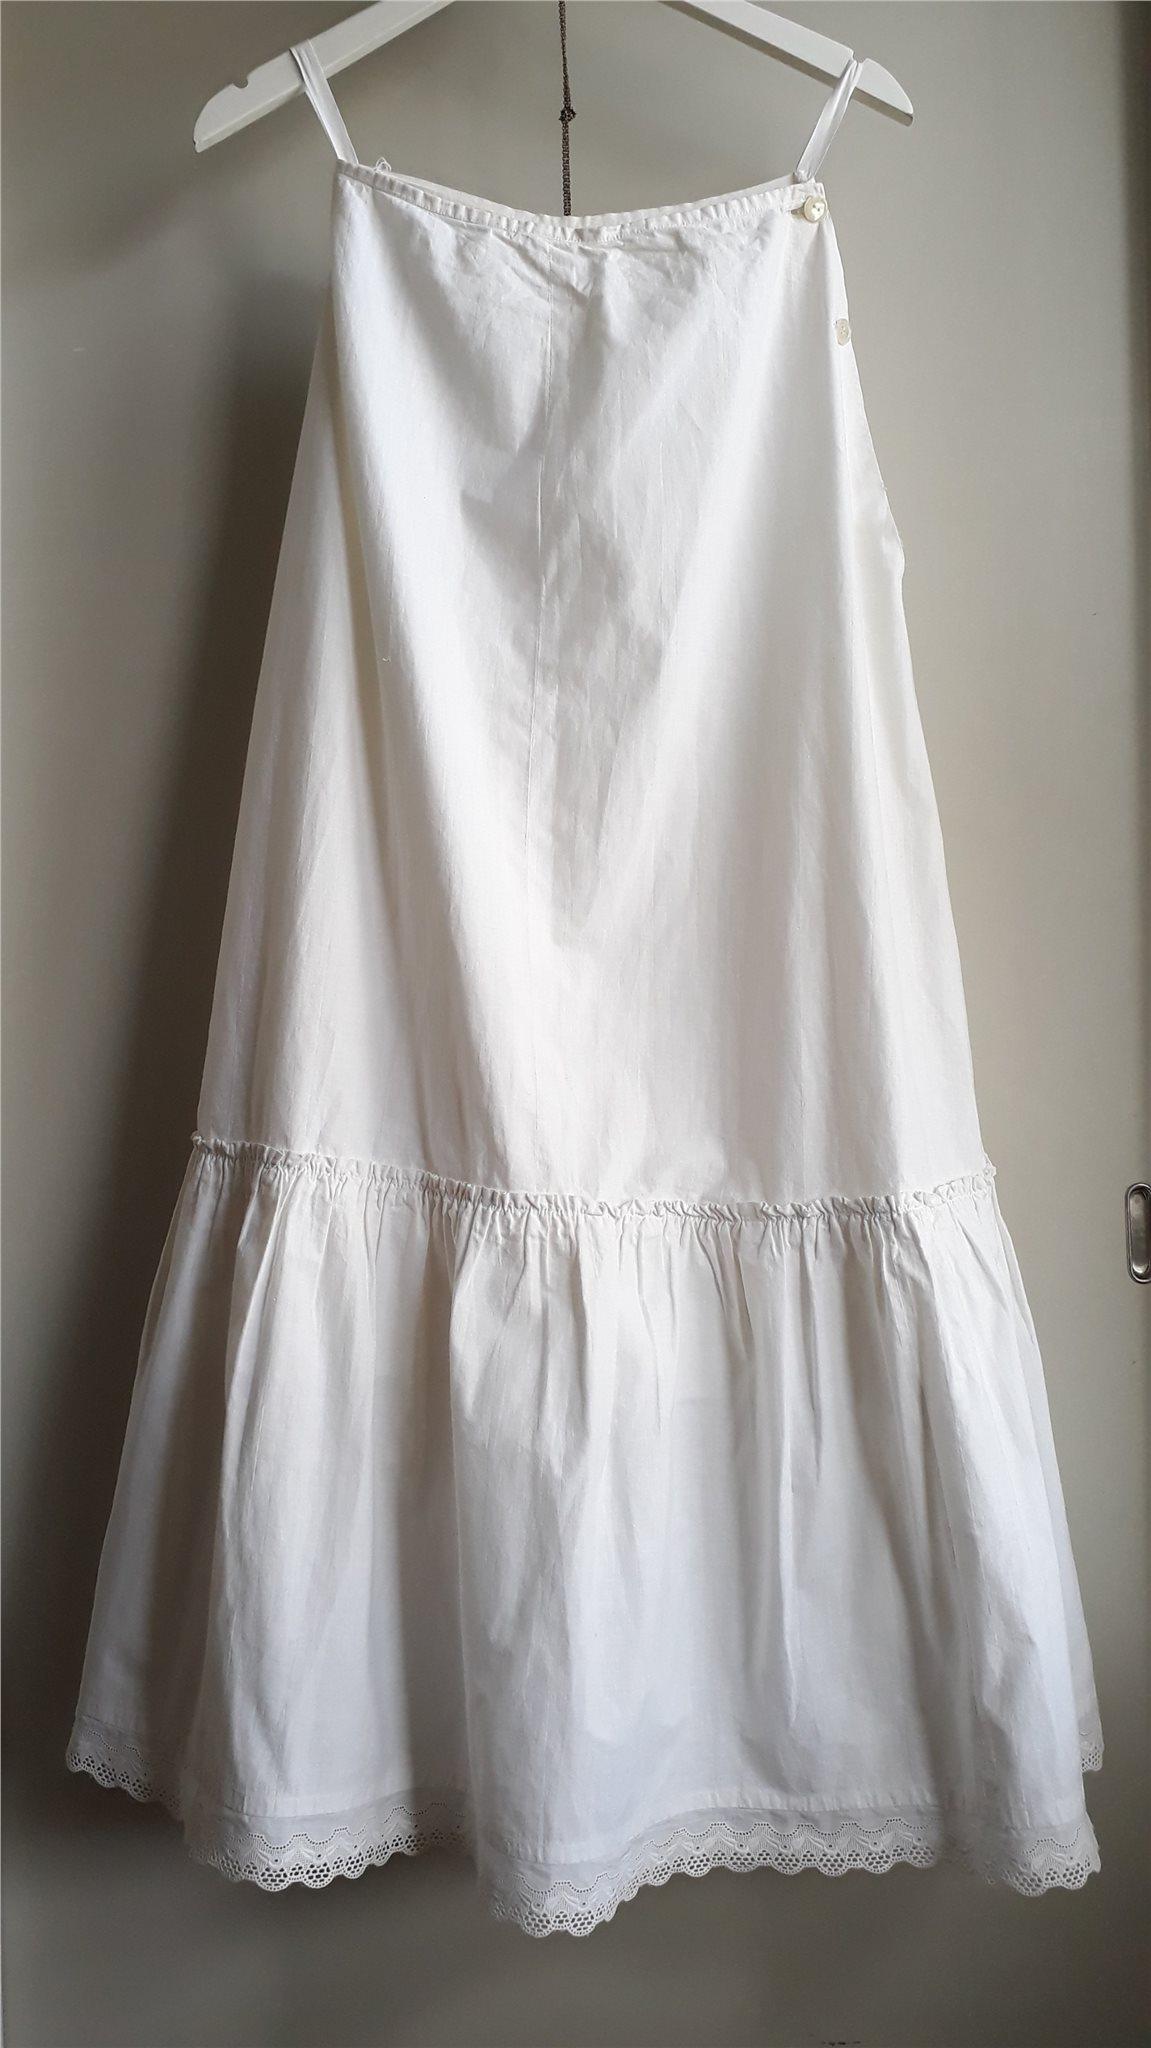 vit underkjol med spets